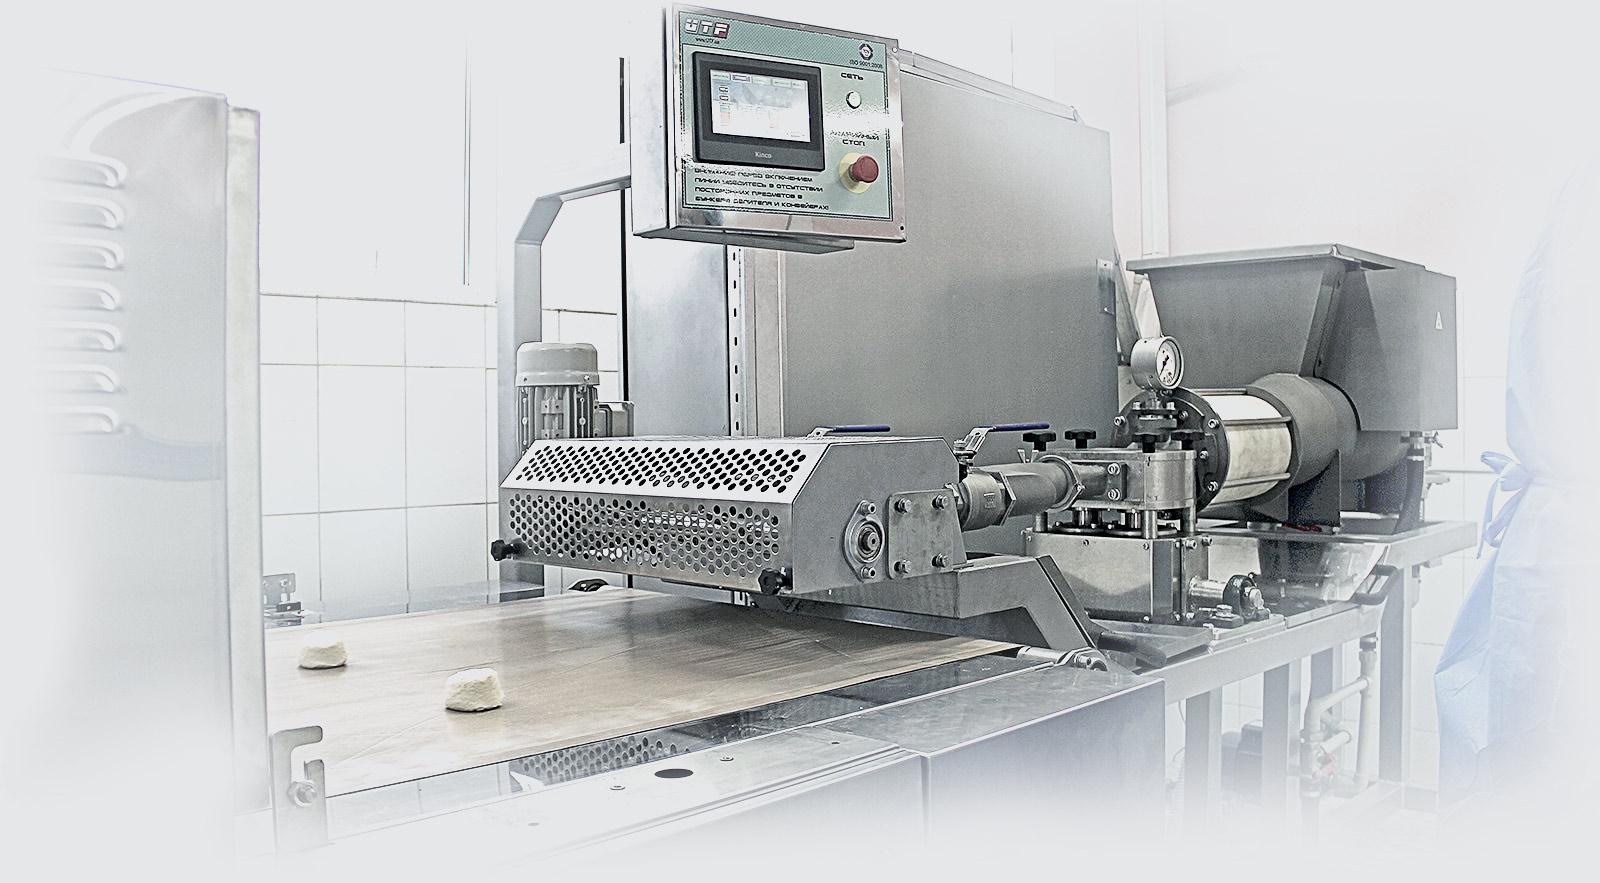 خط أوتوماتيكي لإنتاج خبز التورتيلا  Tortilla production line - foto №23